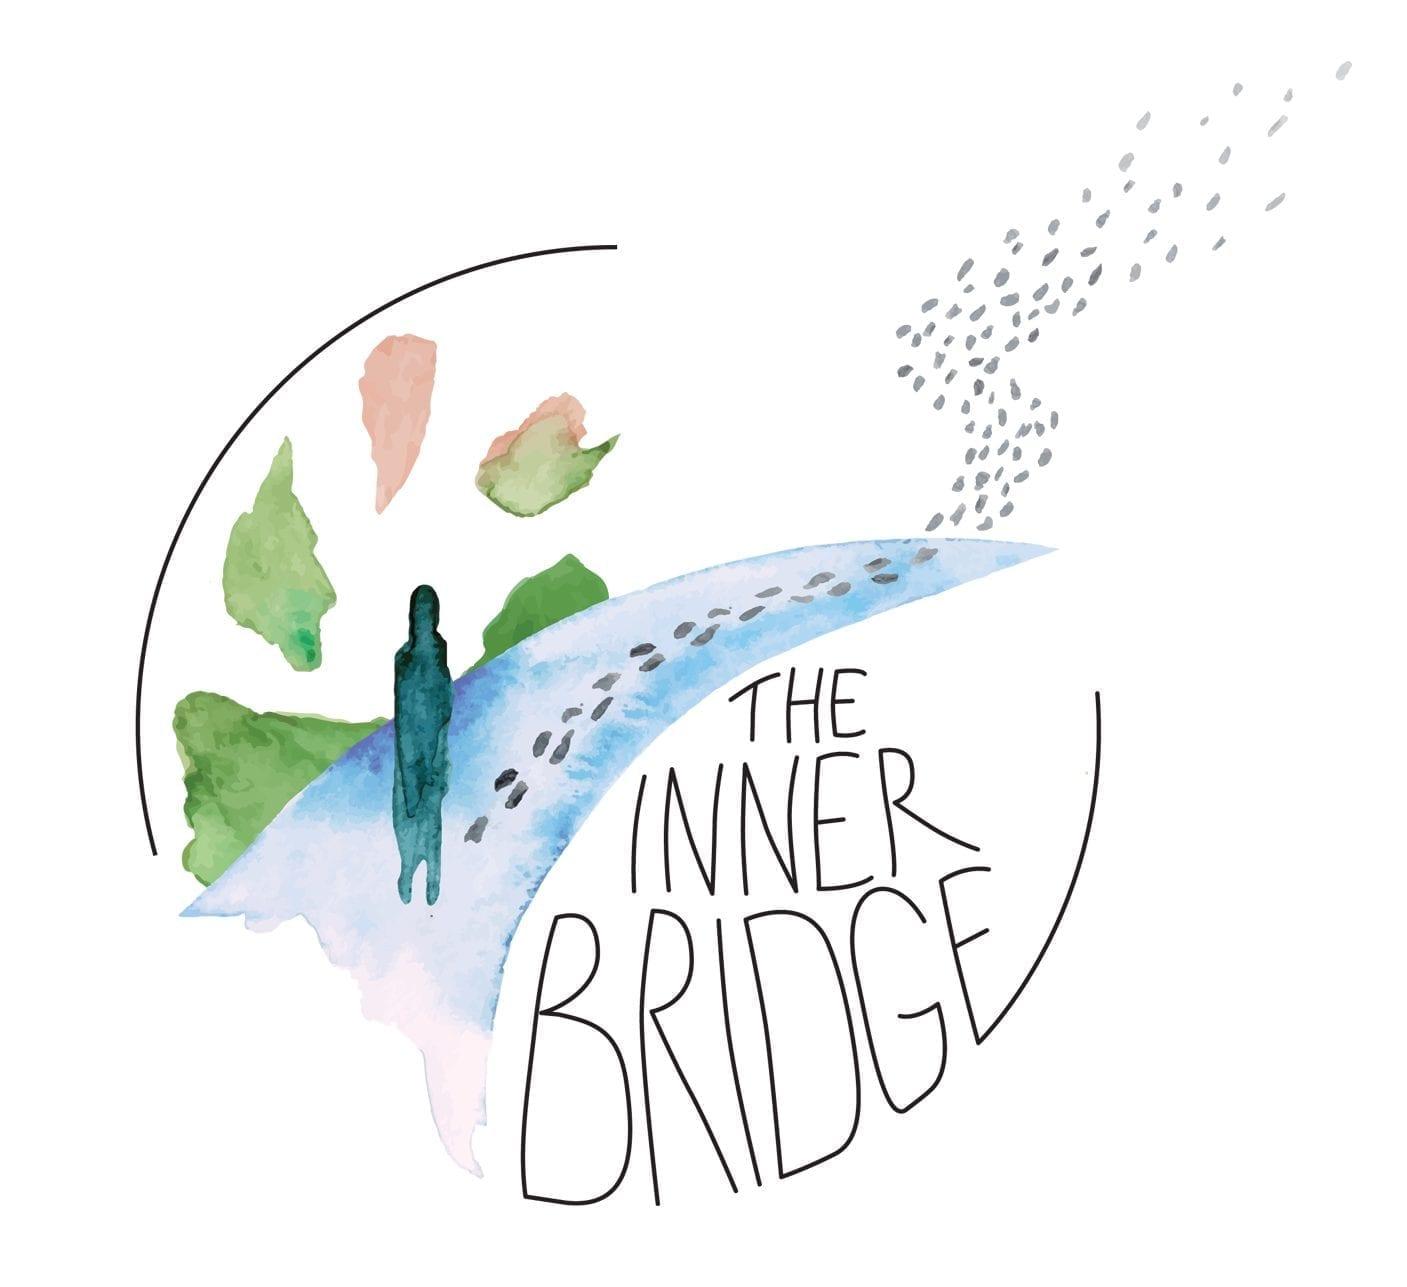 The Inner Bridge